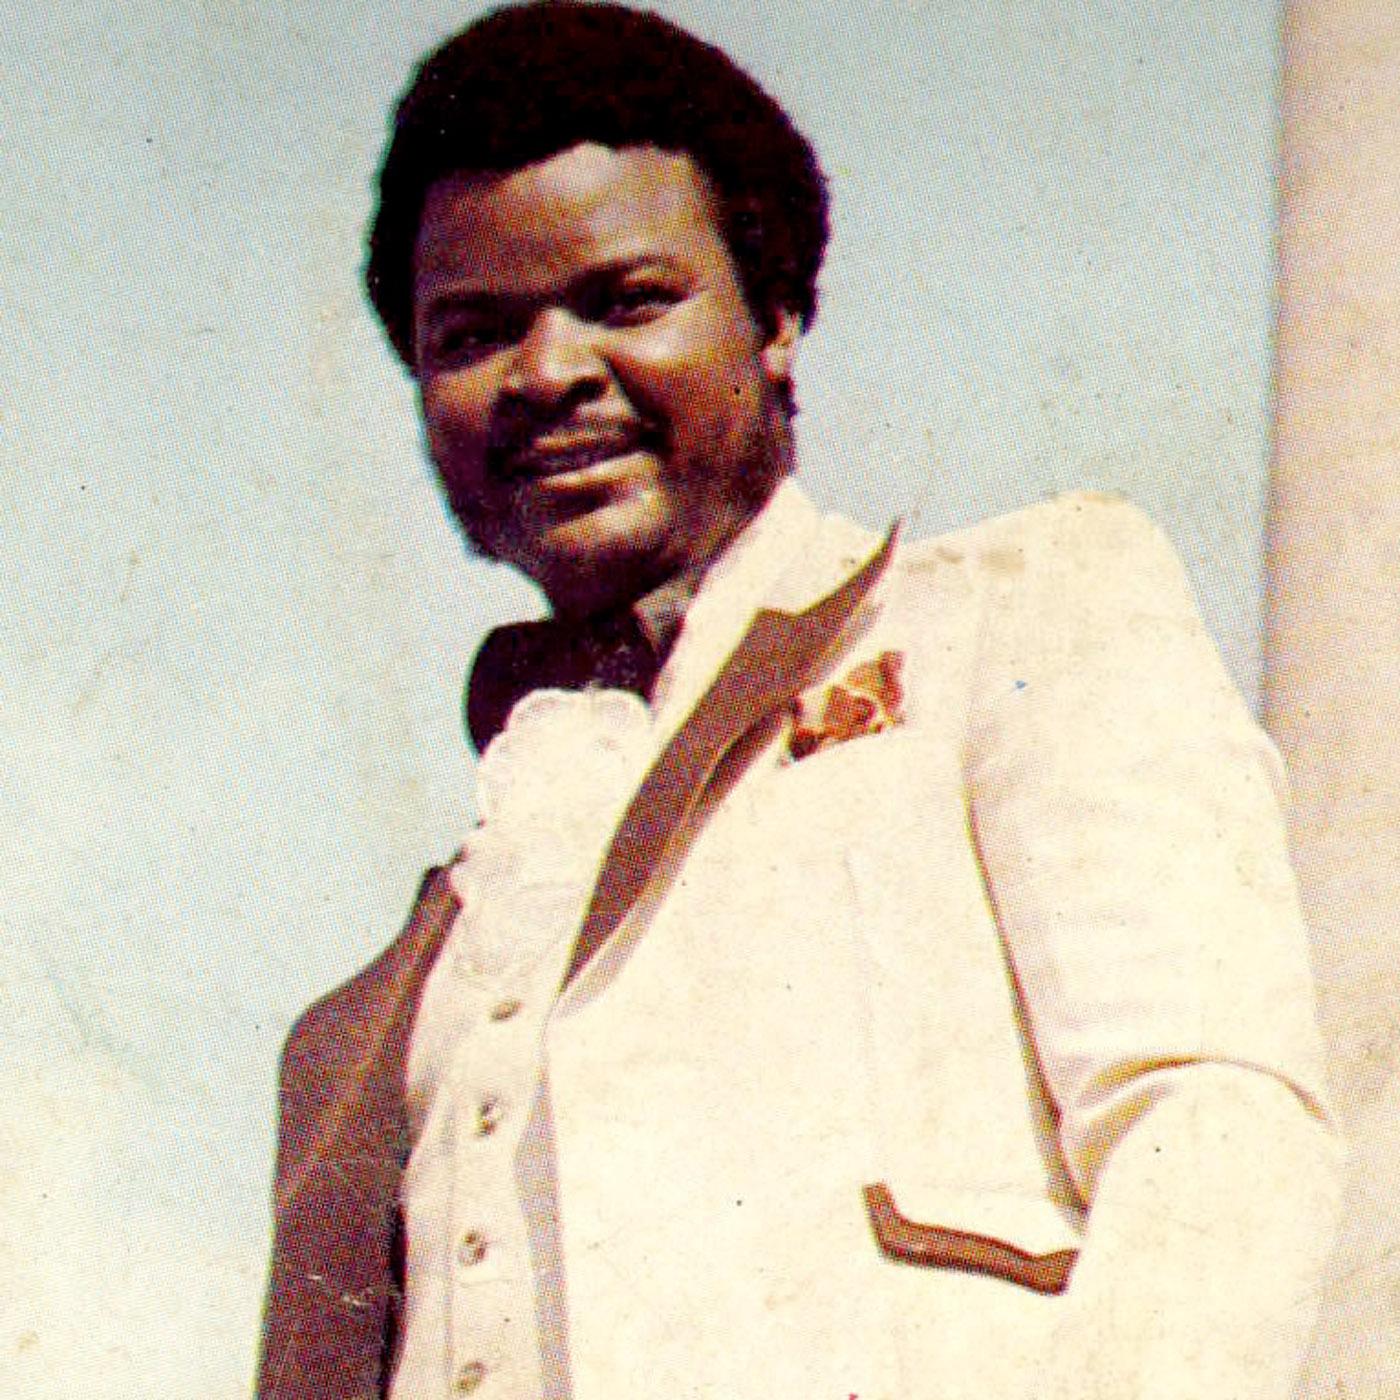 William Onyeabor, RIP